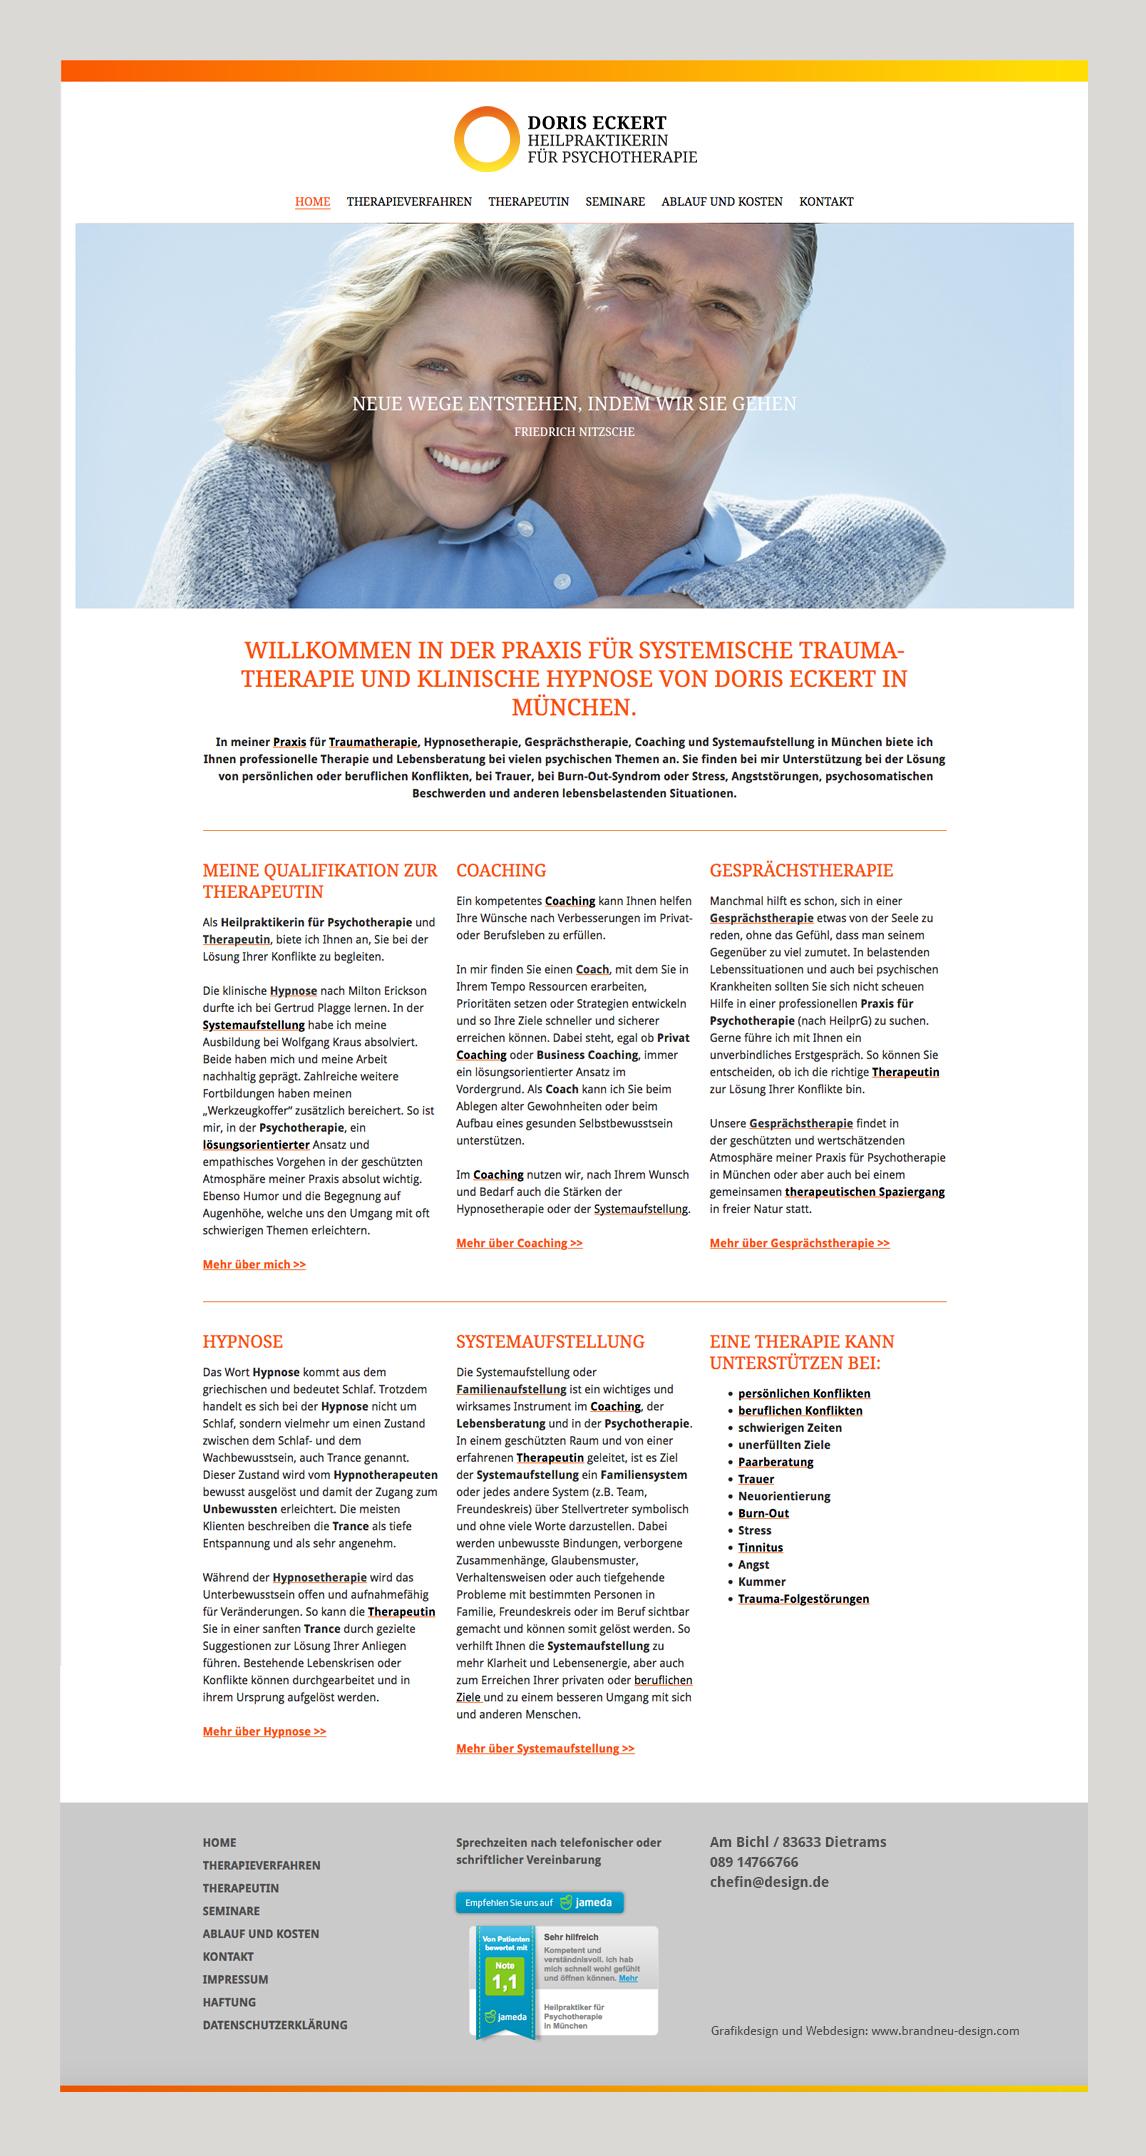 webdesign_muenchen_doris_startseite-3.jpg